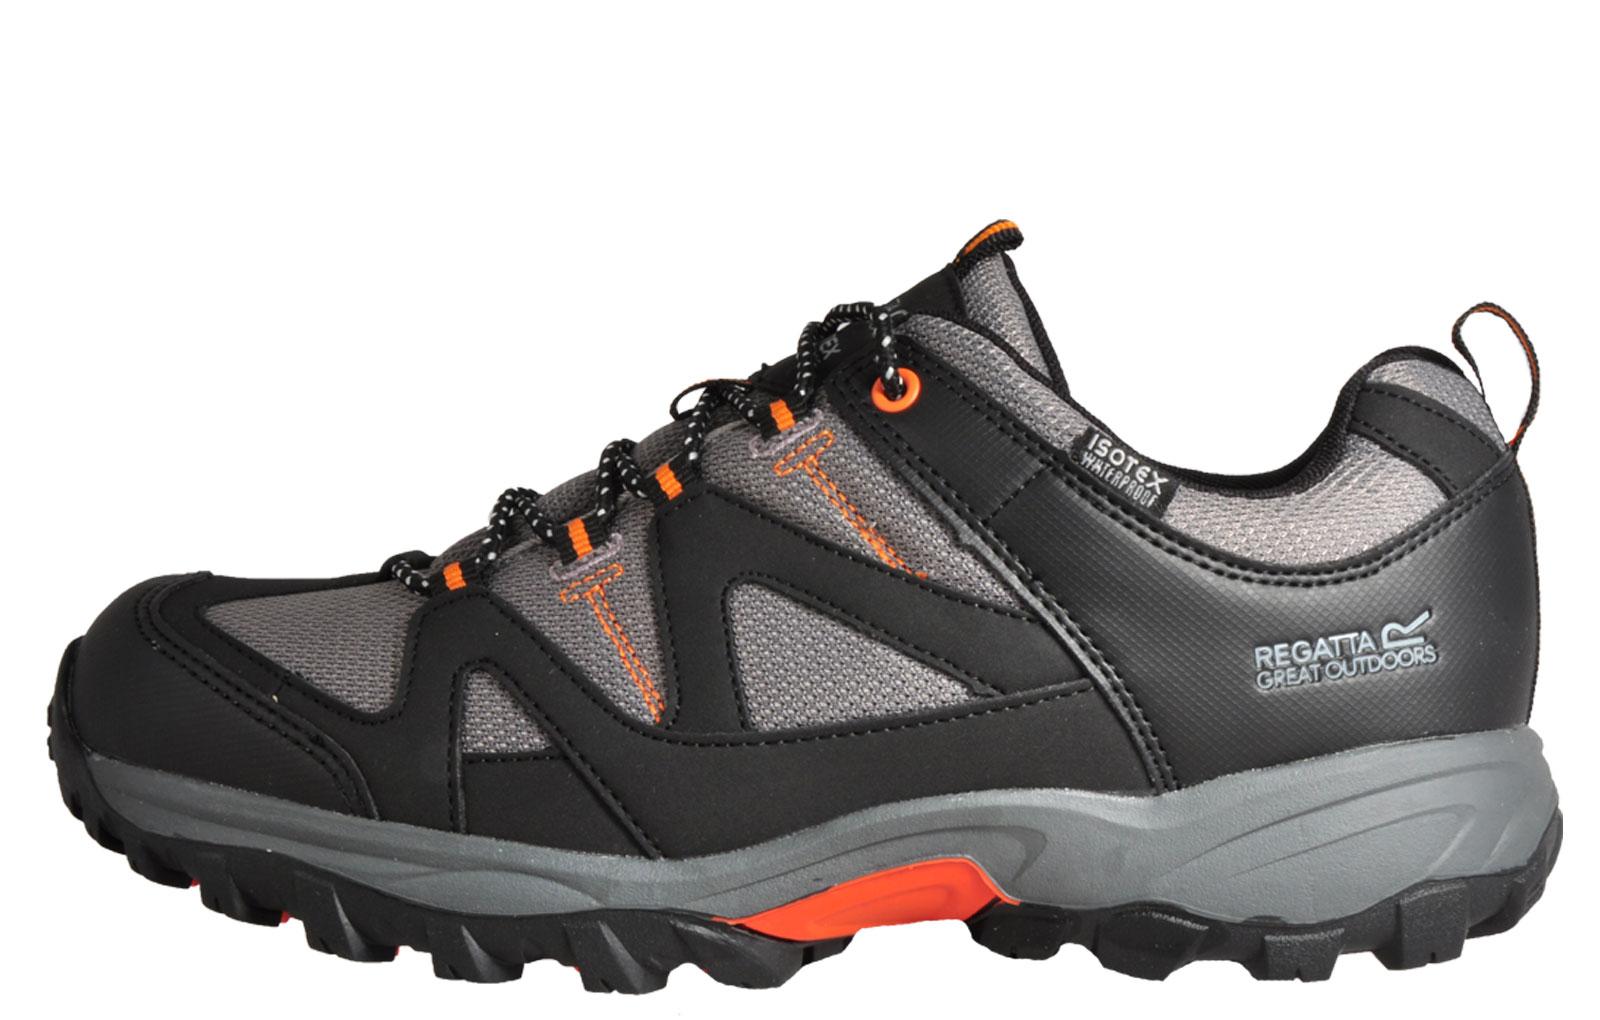 Regatta Gatlin Low Mens Walking Shoe